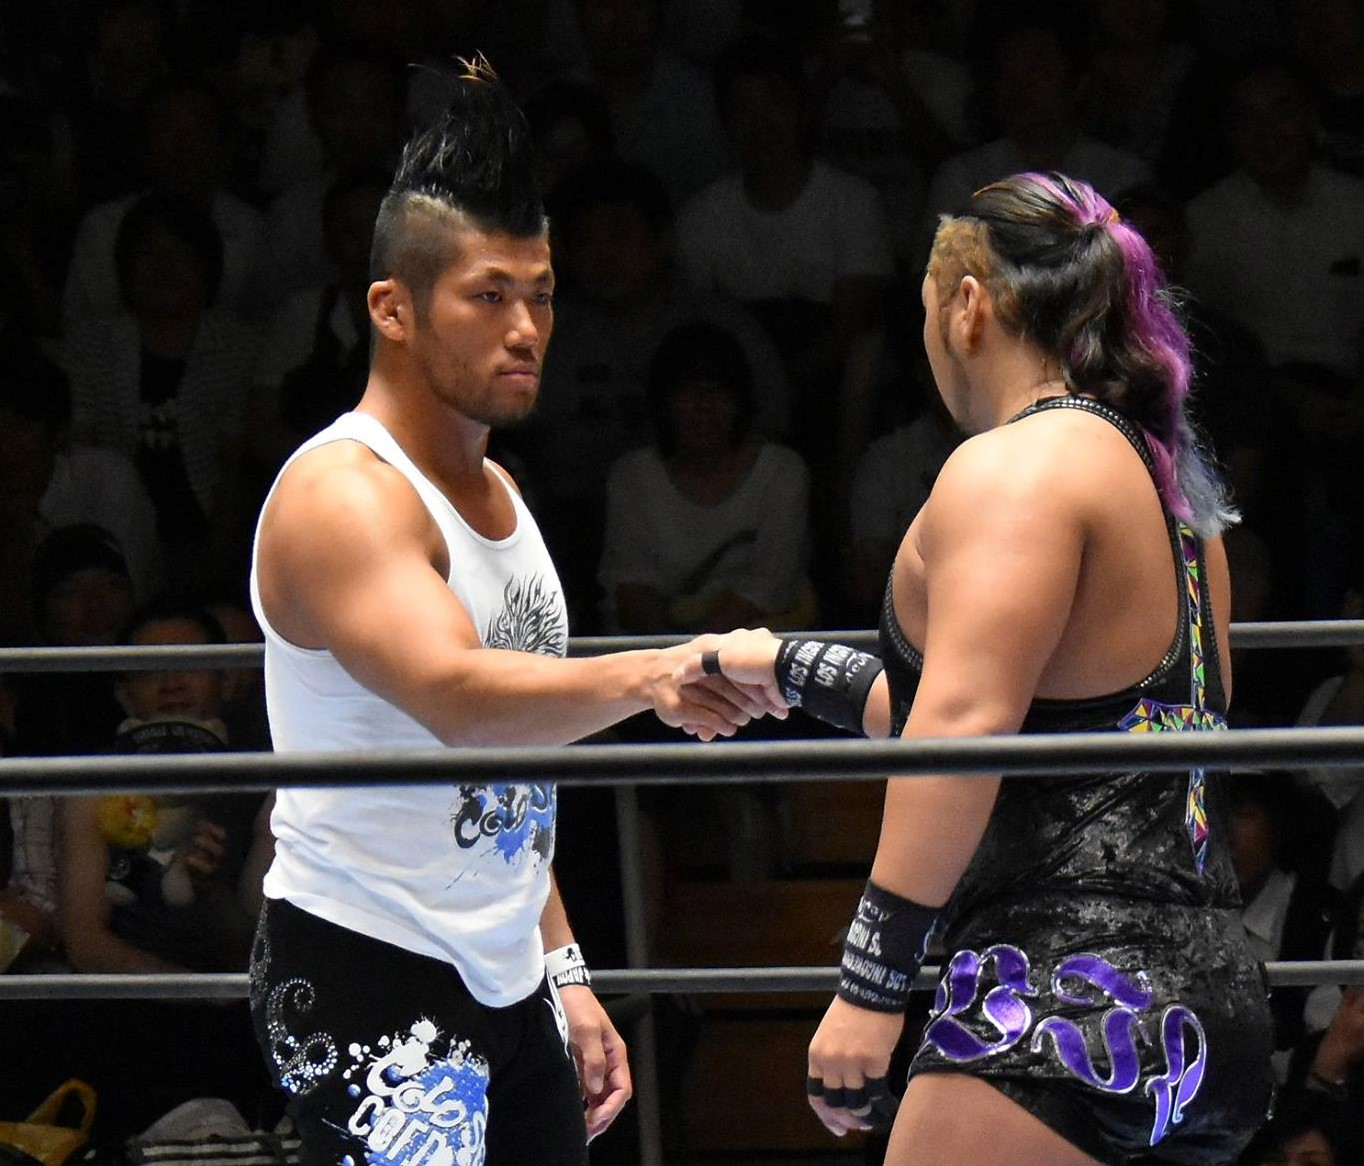 【新日本プロレス】「G1 CLIMAX 27」Bブロック公式戦 注目のL・I・J同門対決はSANADAがEVILにラウンディング・ボディプレスを炸裂させて激勝!!